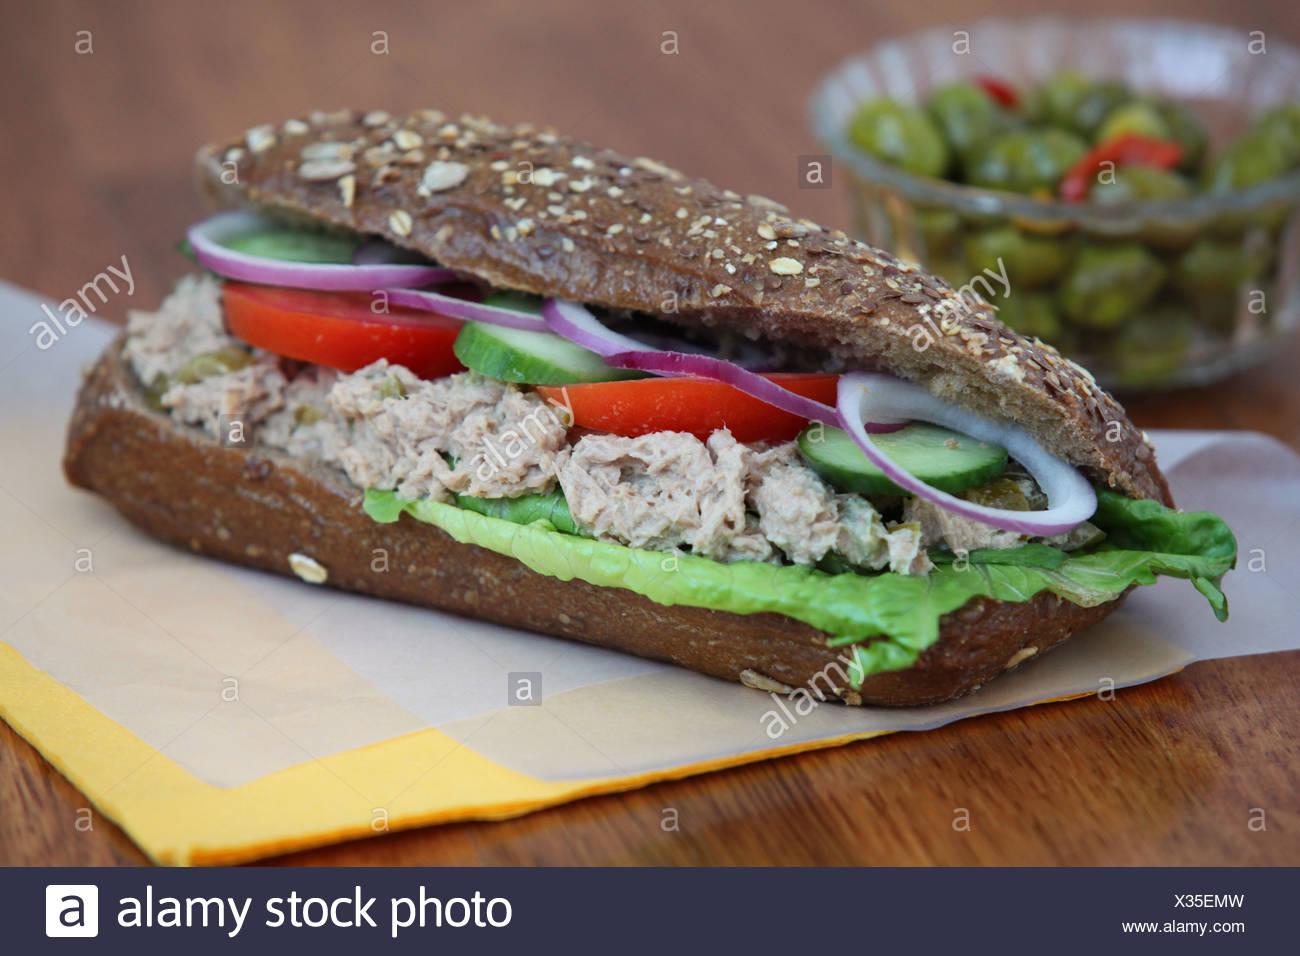 Sandwich à la salade de thon à la tomate et concombre Photo Stock